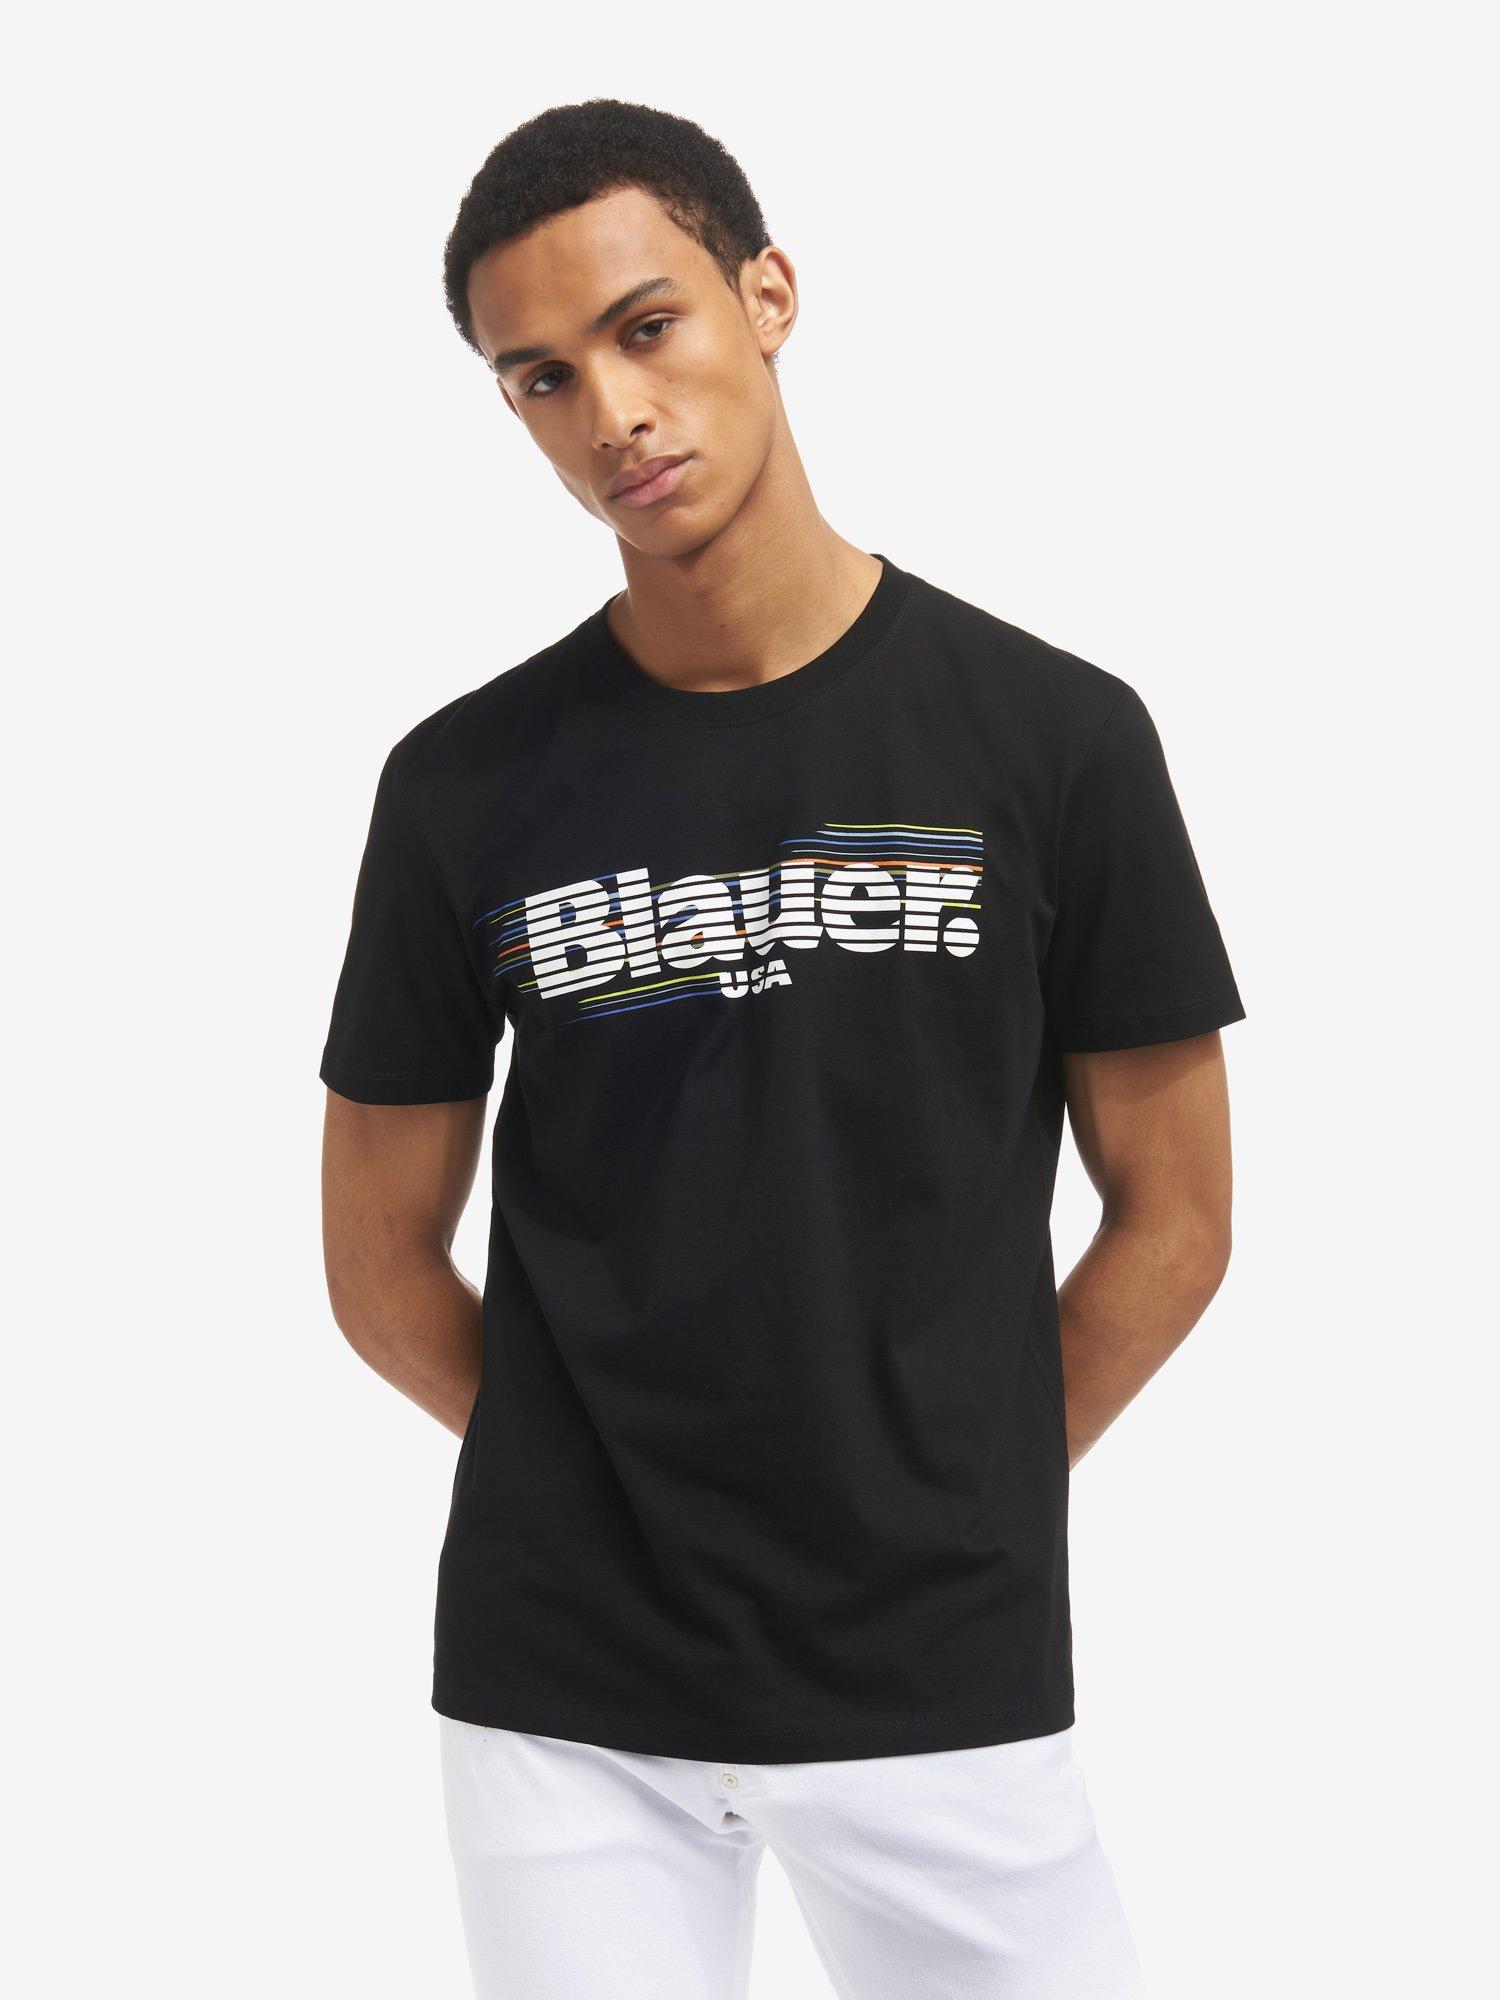 BLAUER STRIPED T-SHIRT - Blauer